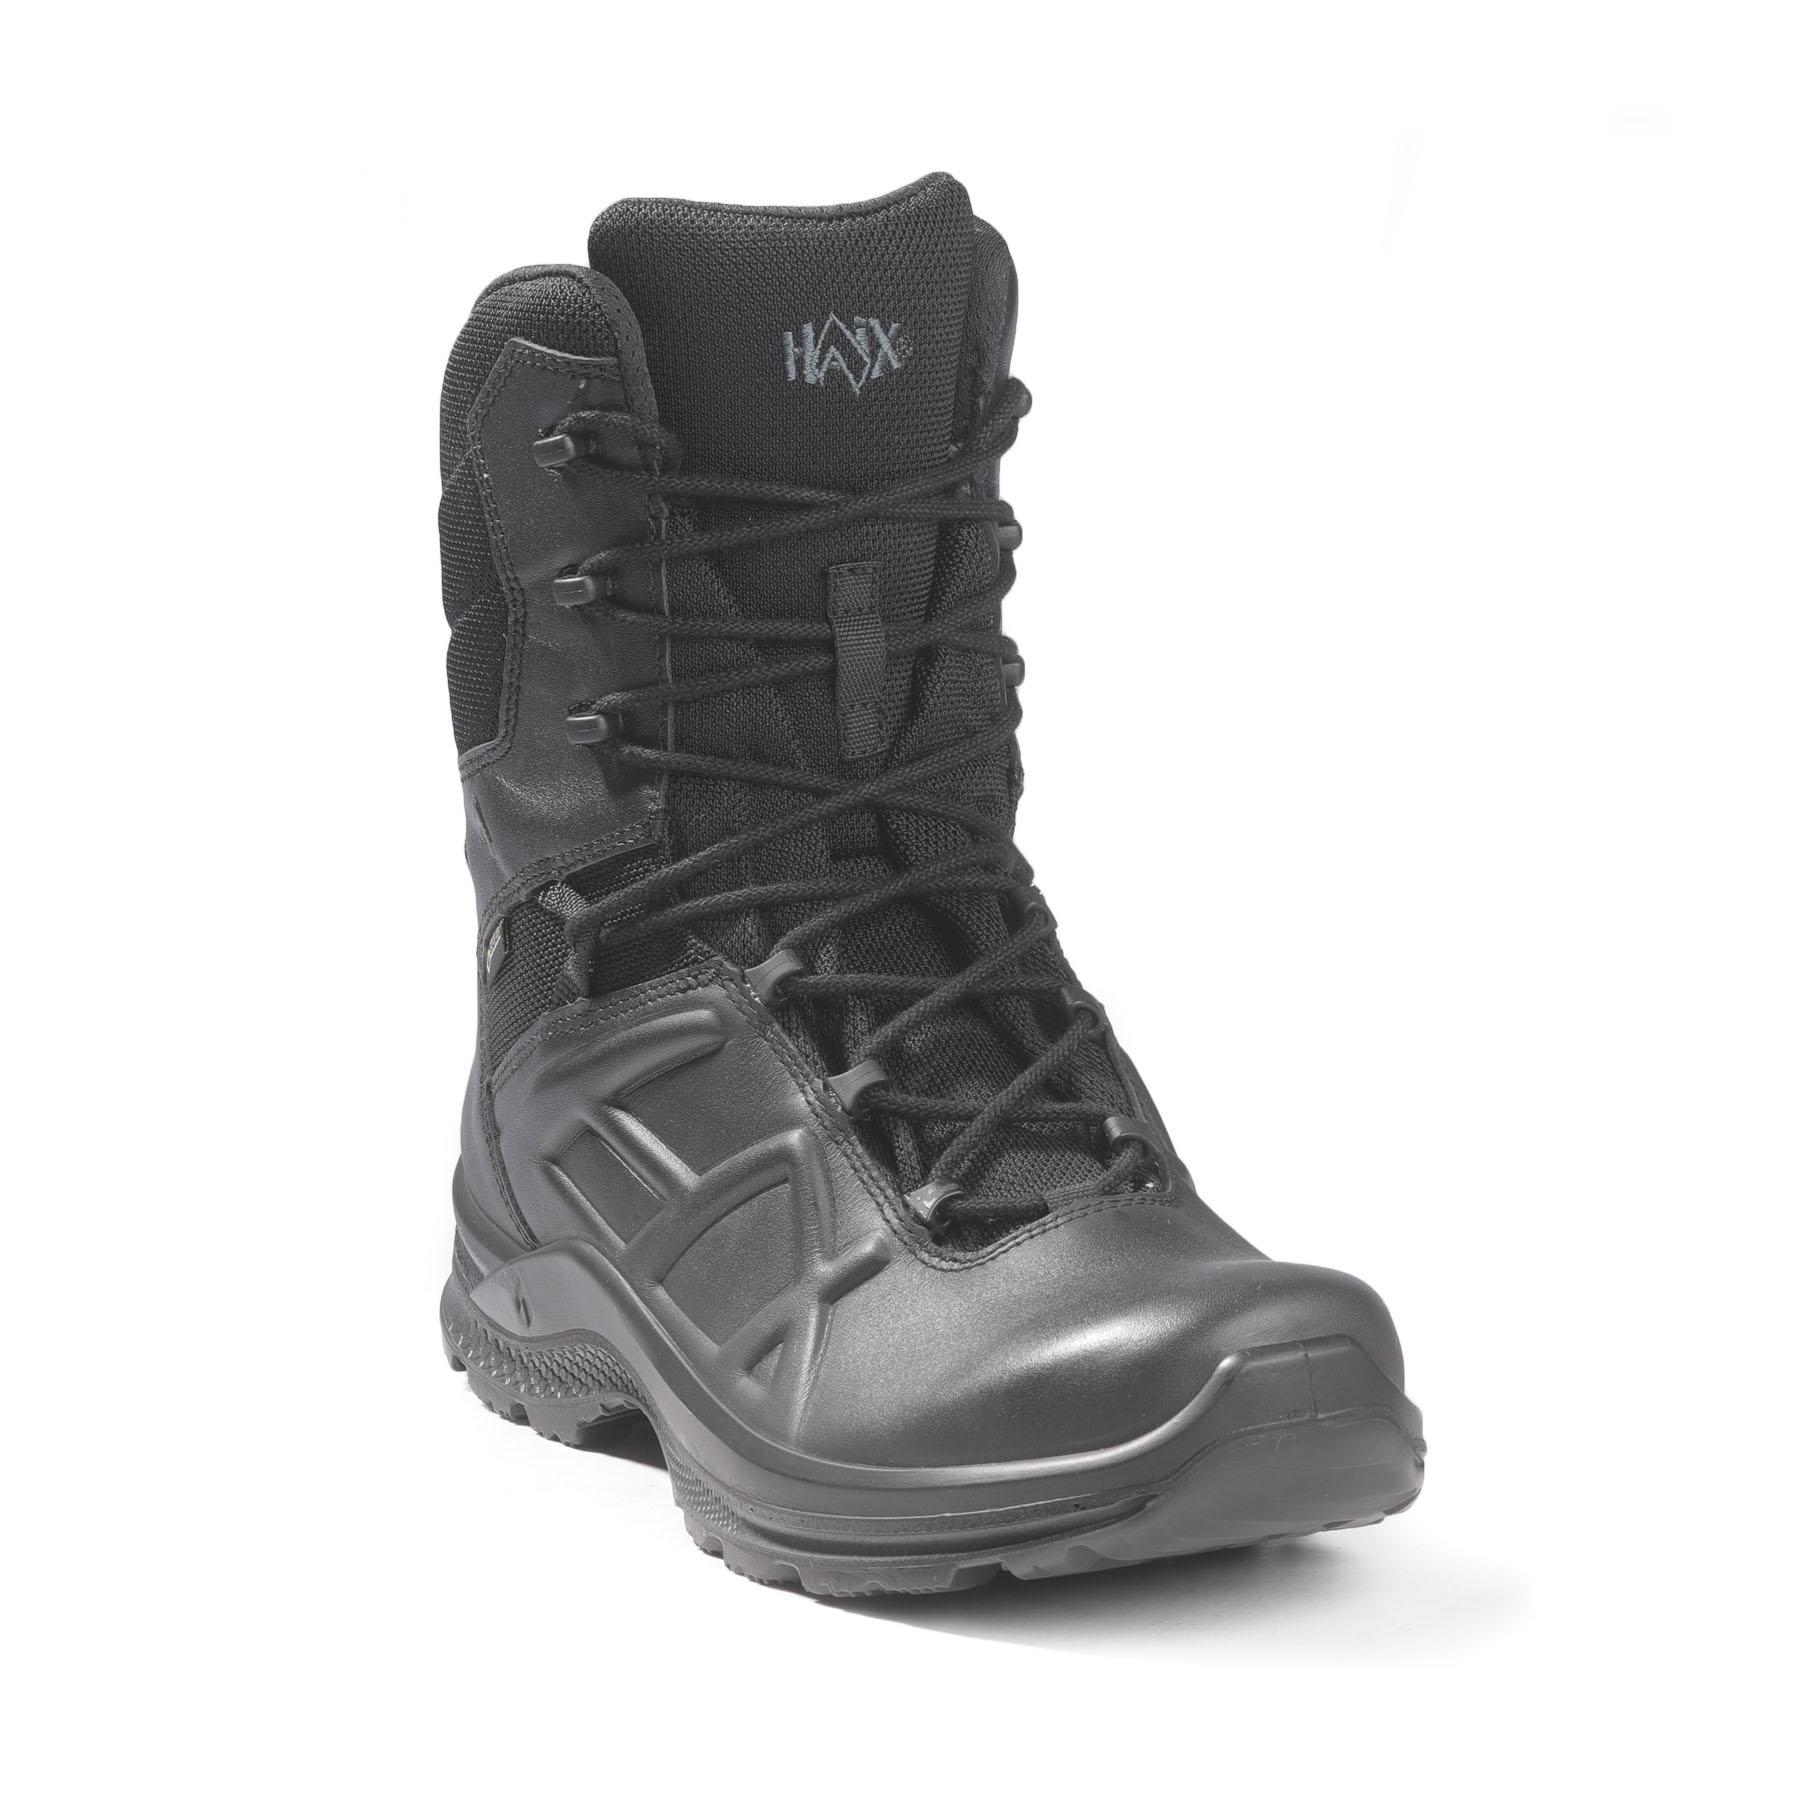 HAIX Black Eagle Tactical 2.0 GTX High